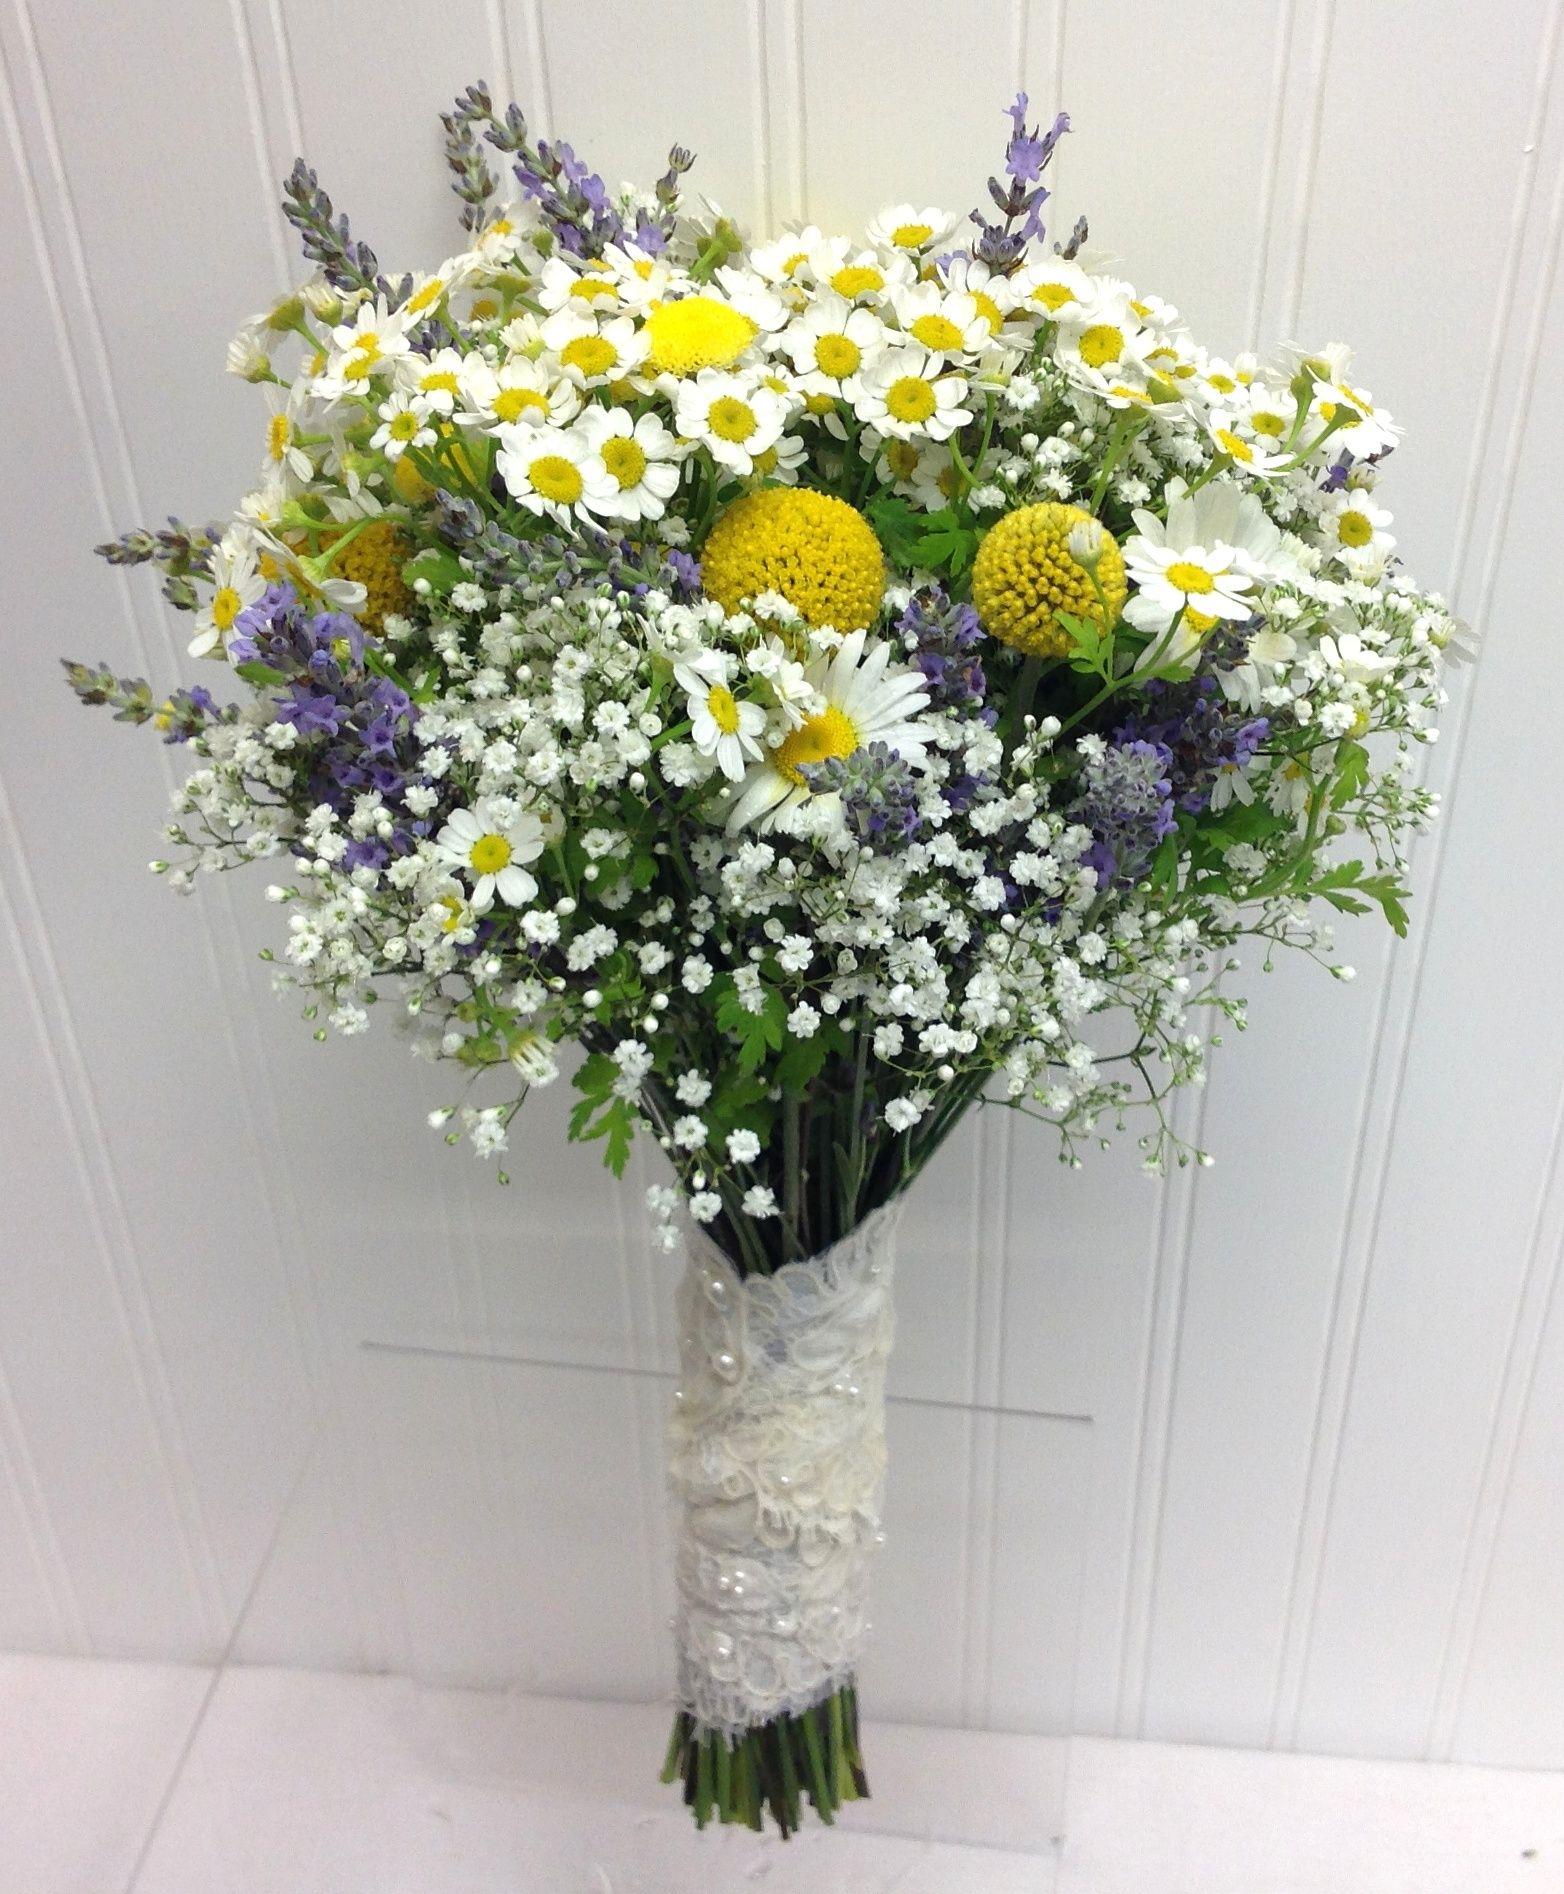 Garden bridal bouquet with chamomile lavender craspedia and garden bridal bouquet with chamomile lavender craspedia and babies breath designed by wendy at ballard blossom seattle florist seattle wedding flowers izmirmasajfo